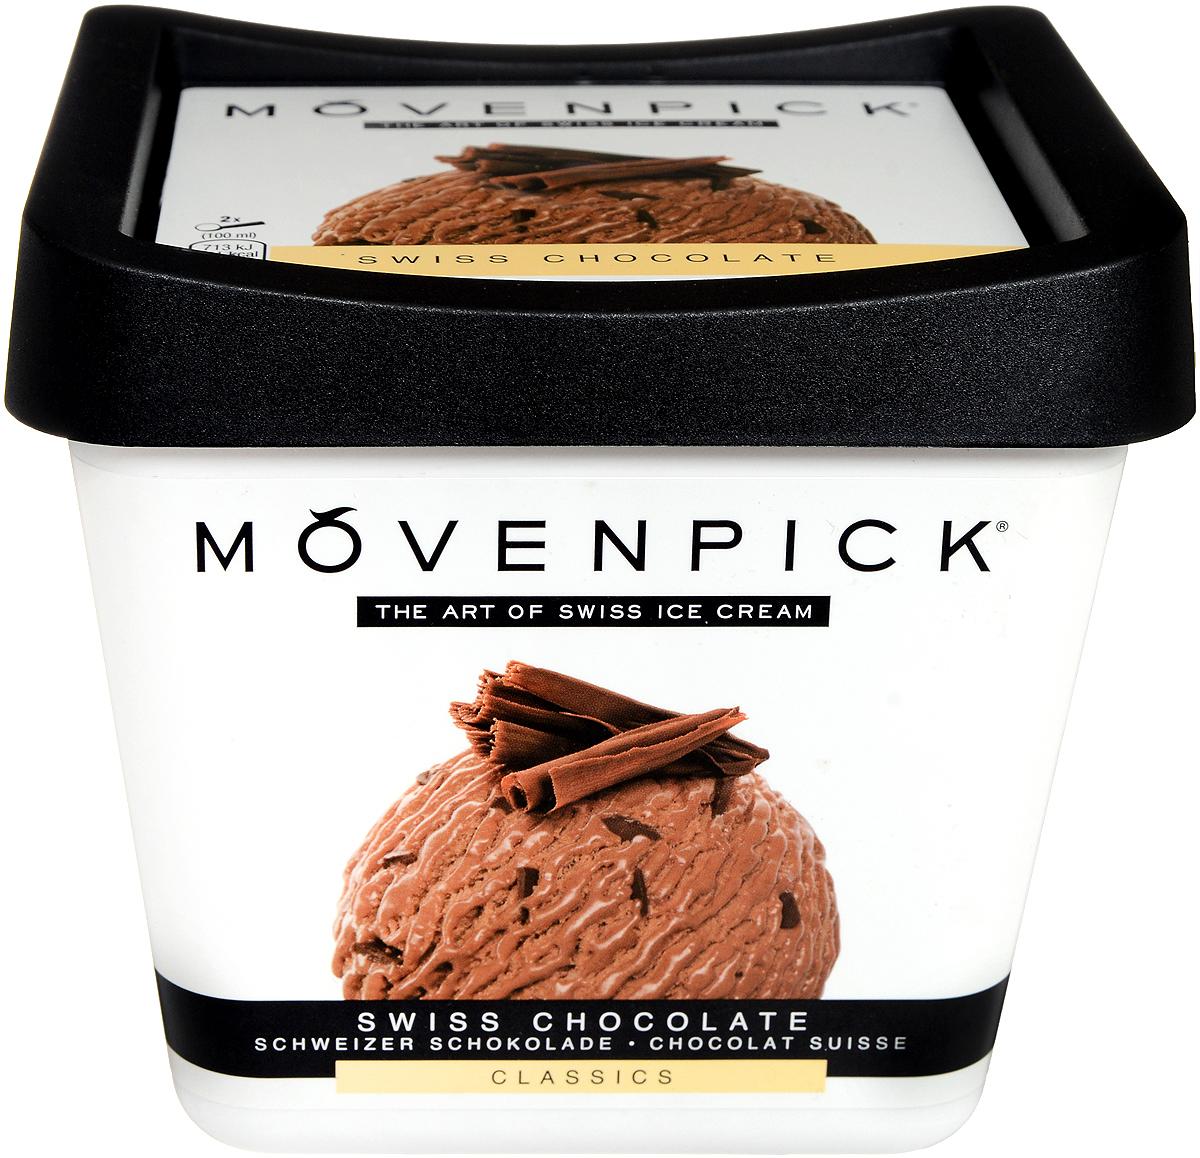 Movenpick Мороженое Швейцарский шоколад, 900 мл муми трубочка для молока сливочный микс со вкусами клубника сливки шоколад сливки персик сливки дыня сливки ежевика сливки 30 г